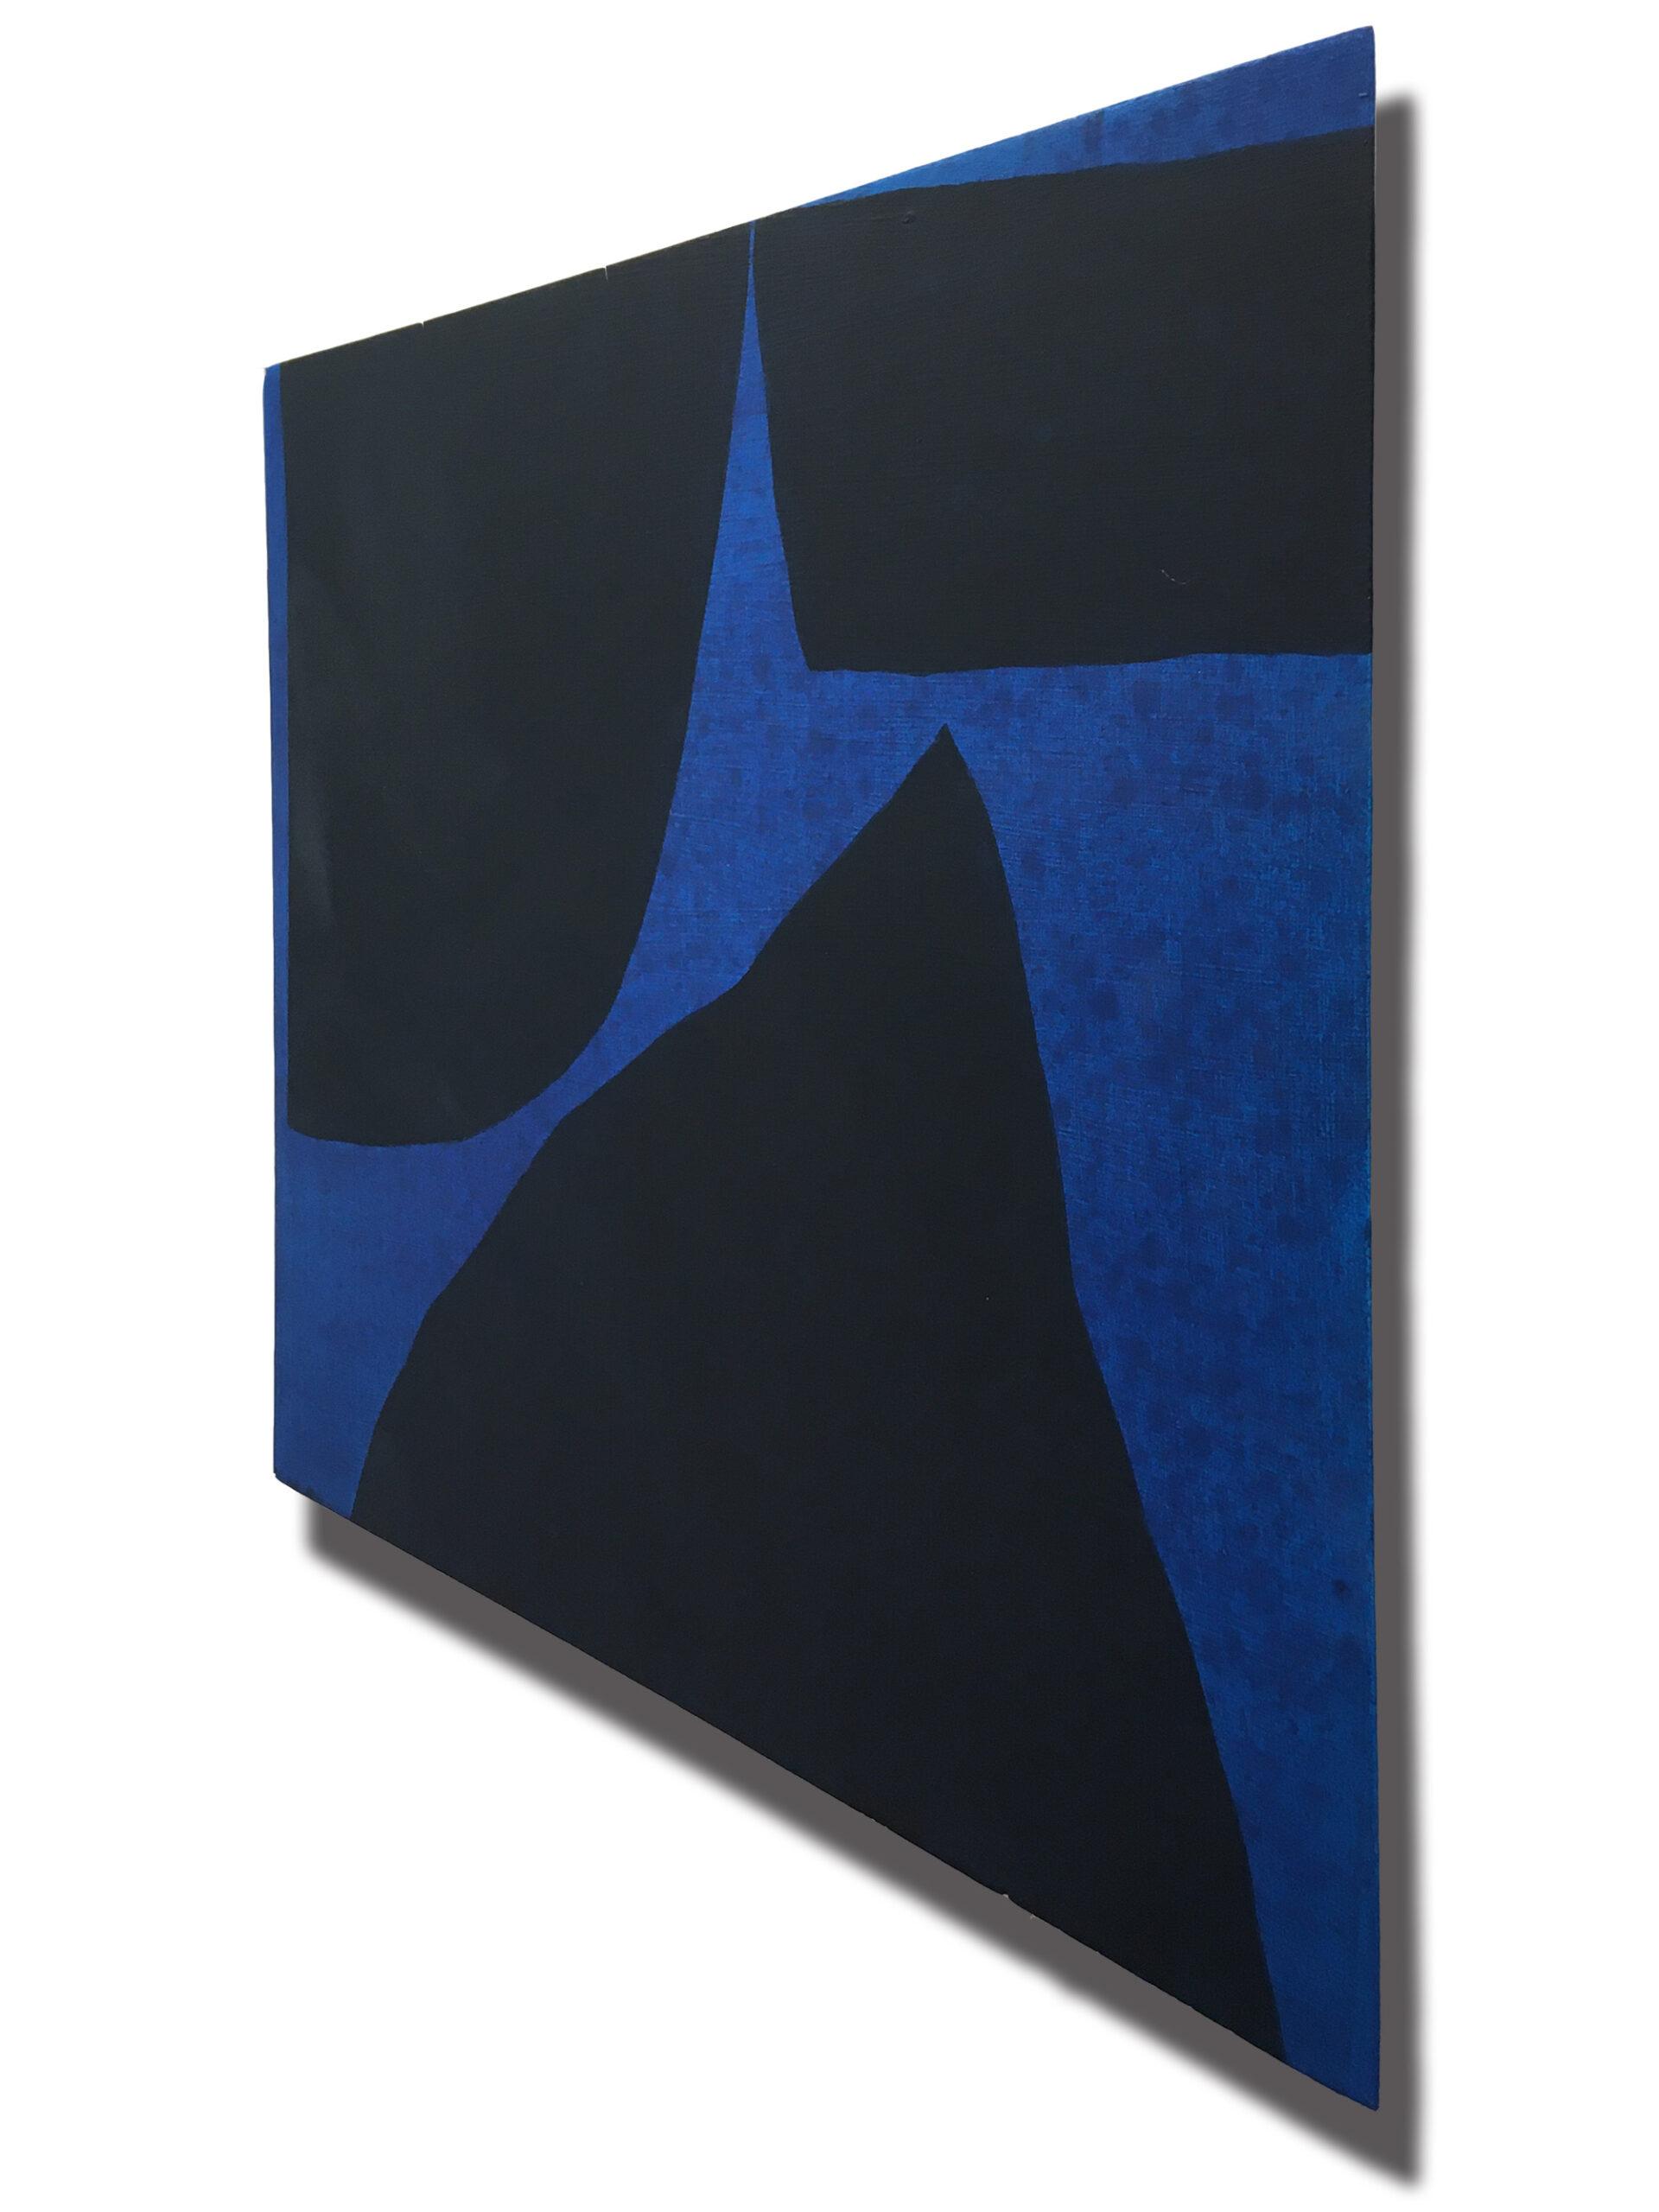 Jack Killick: Drop (2020) Acrylic on board (31.5cm x 36.5cm).